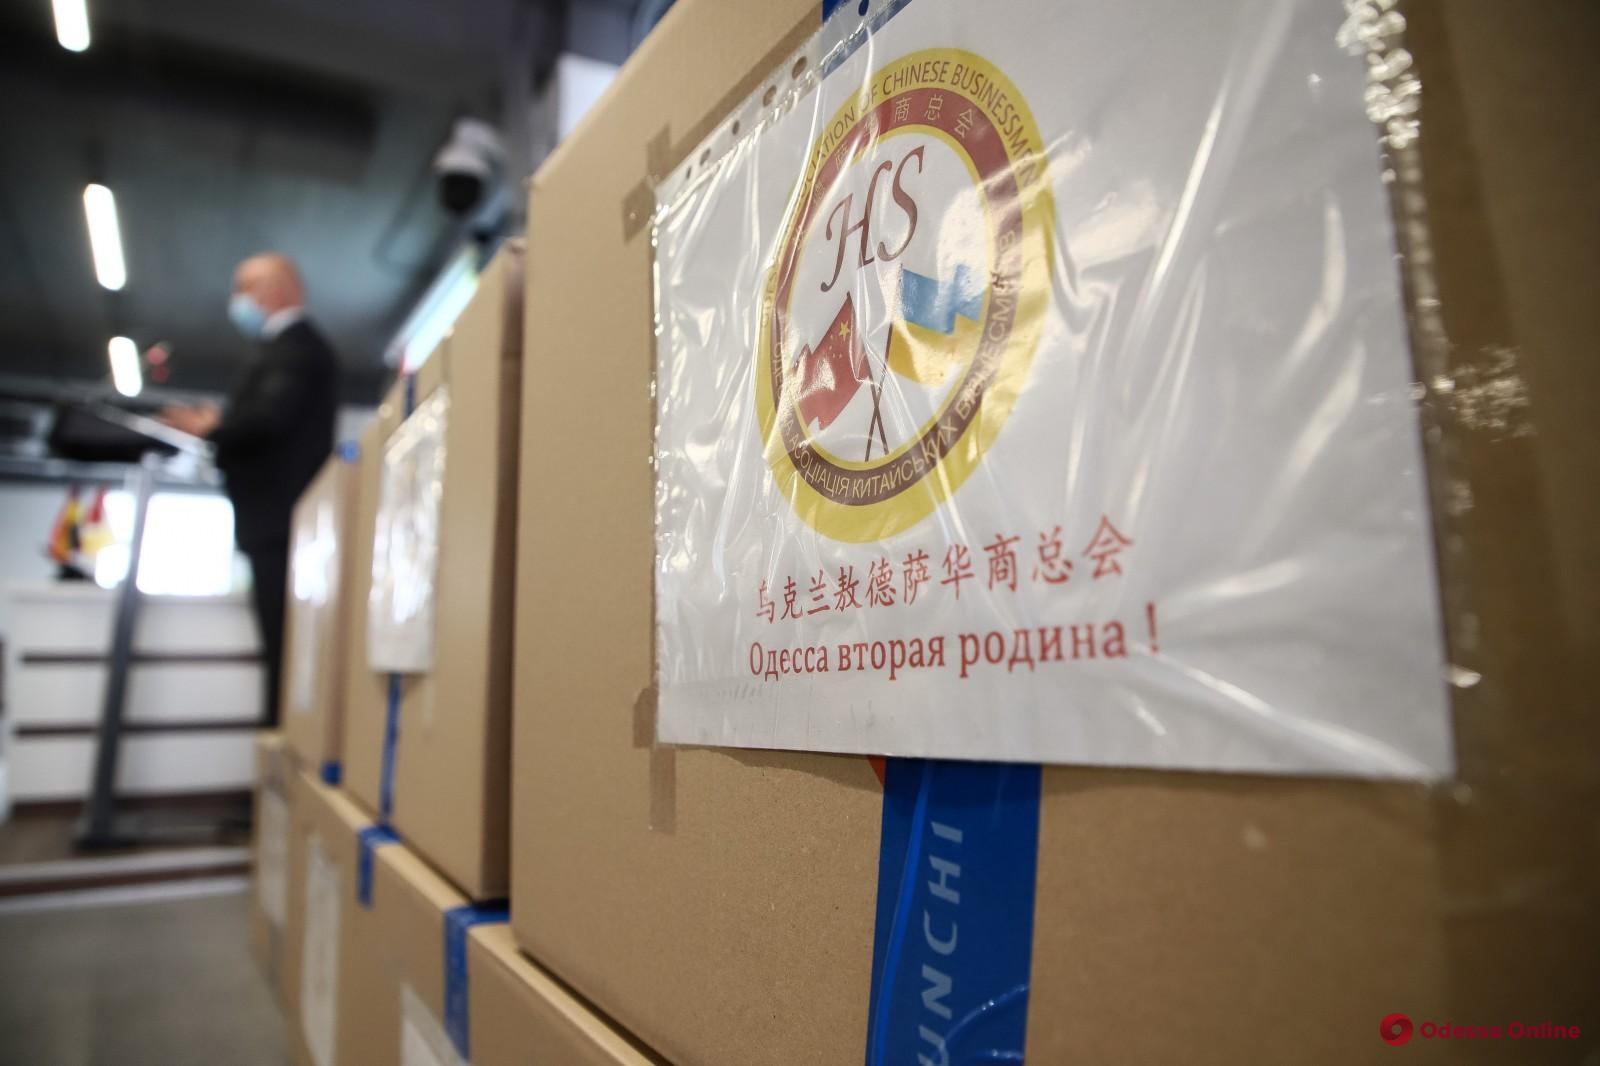 Одесские больницы получили 70 тысяч масок от китайских предпринимателей